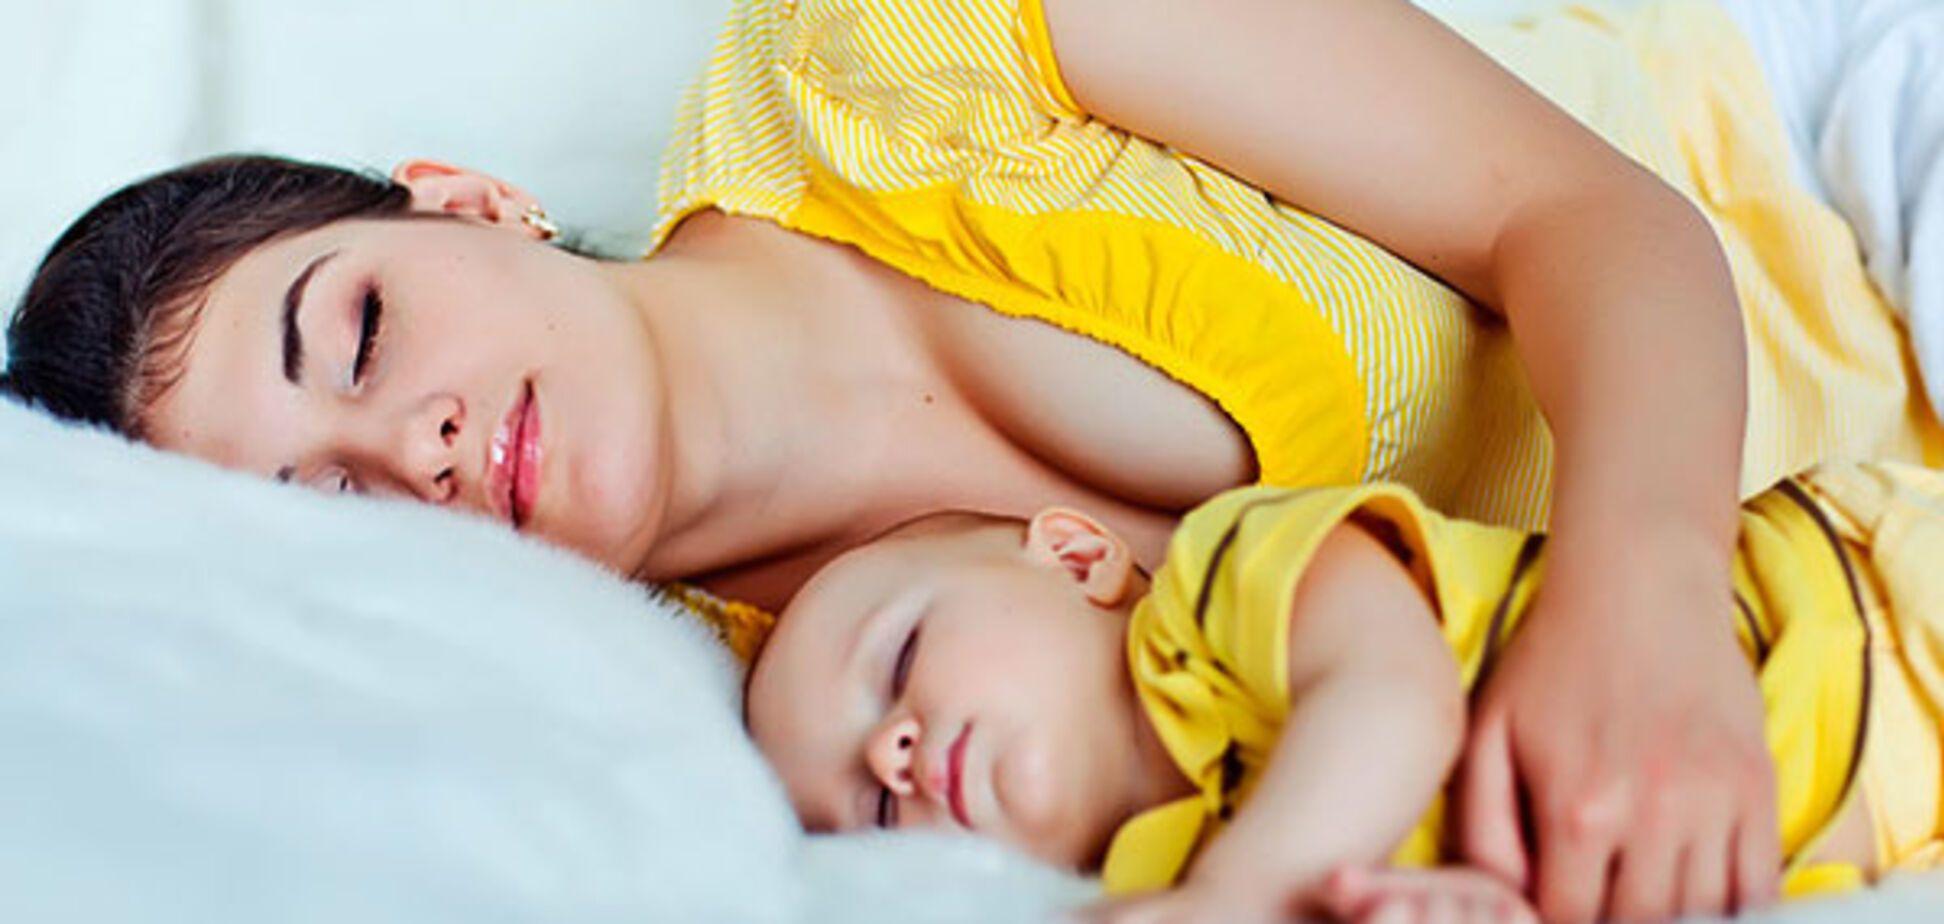 Совместный сон: как отучить малыша спать с родителями